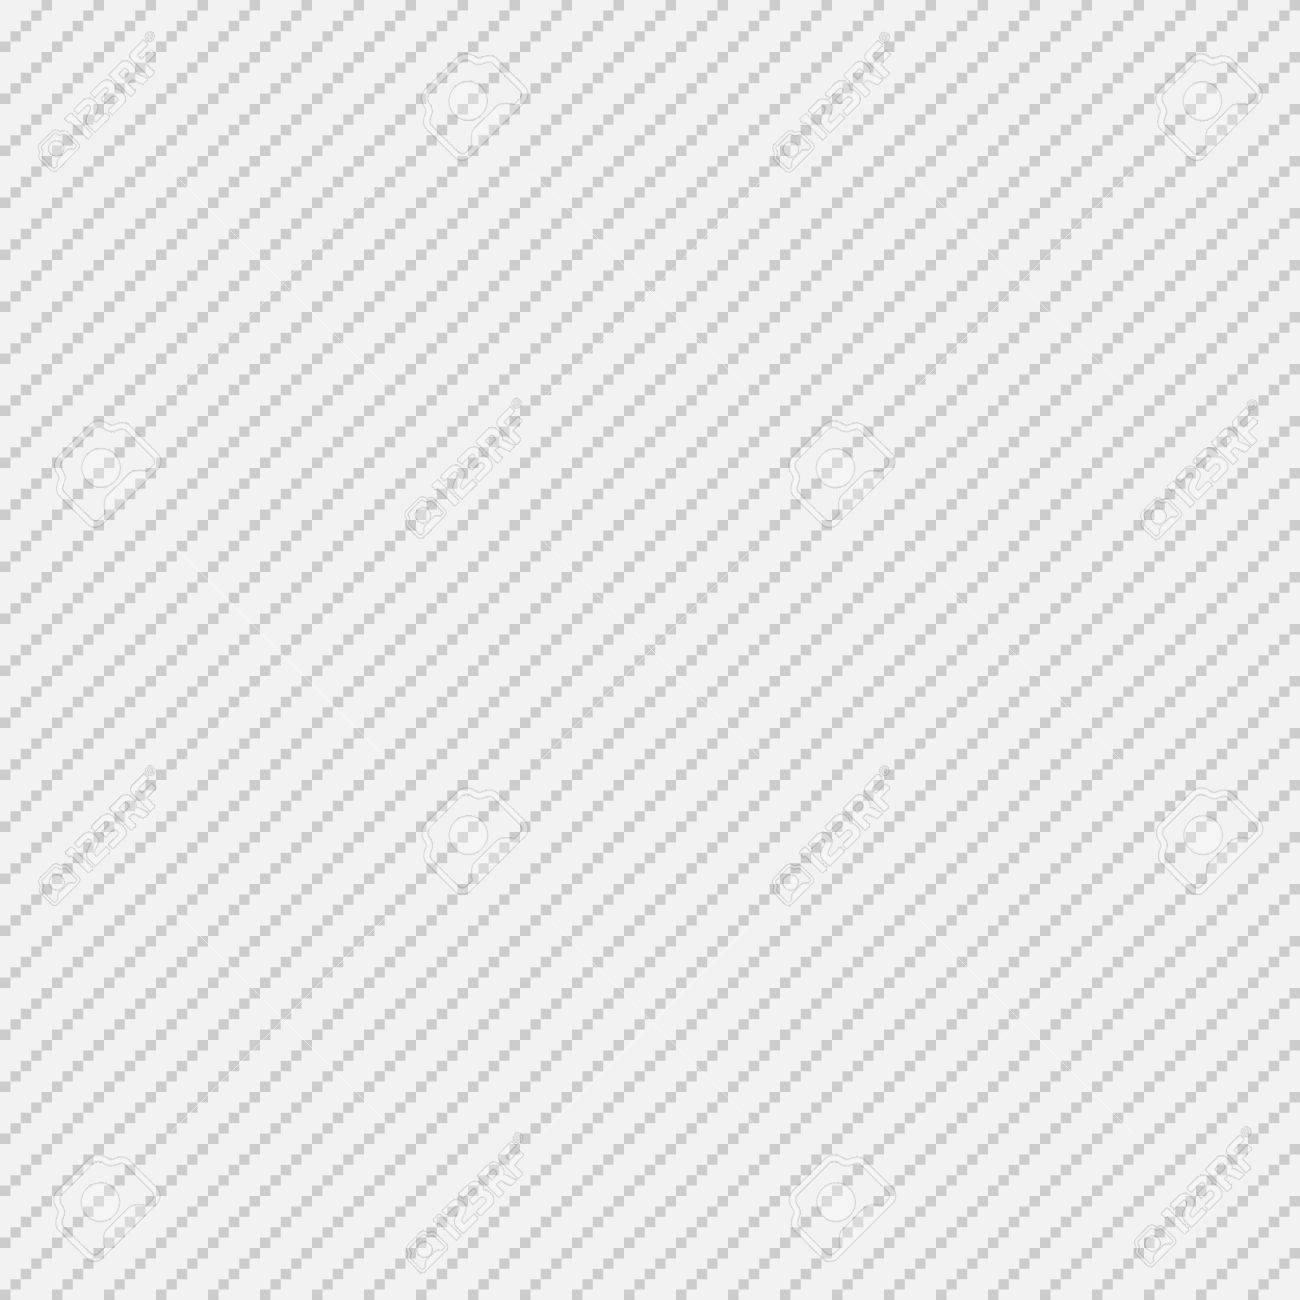 Vettoriale Sfondo Bianco E Grigio Sottile Strisce Diagonali Senza